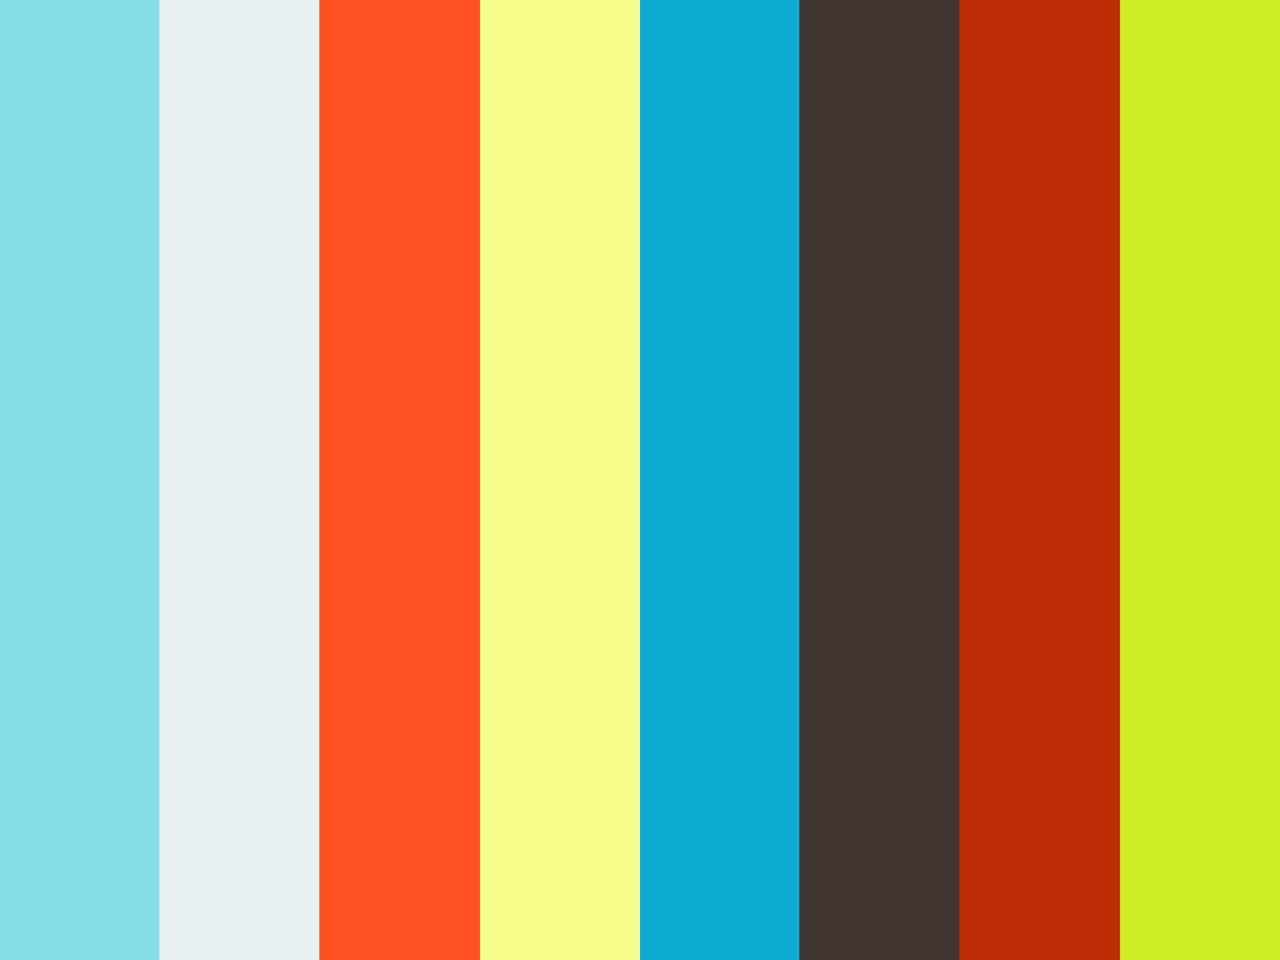 Imagem principal da aula Maleta para Livro de Colorir Parte 2 em Cartonagem